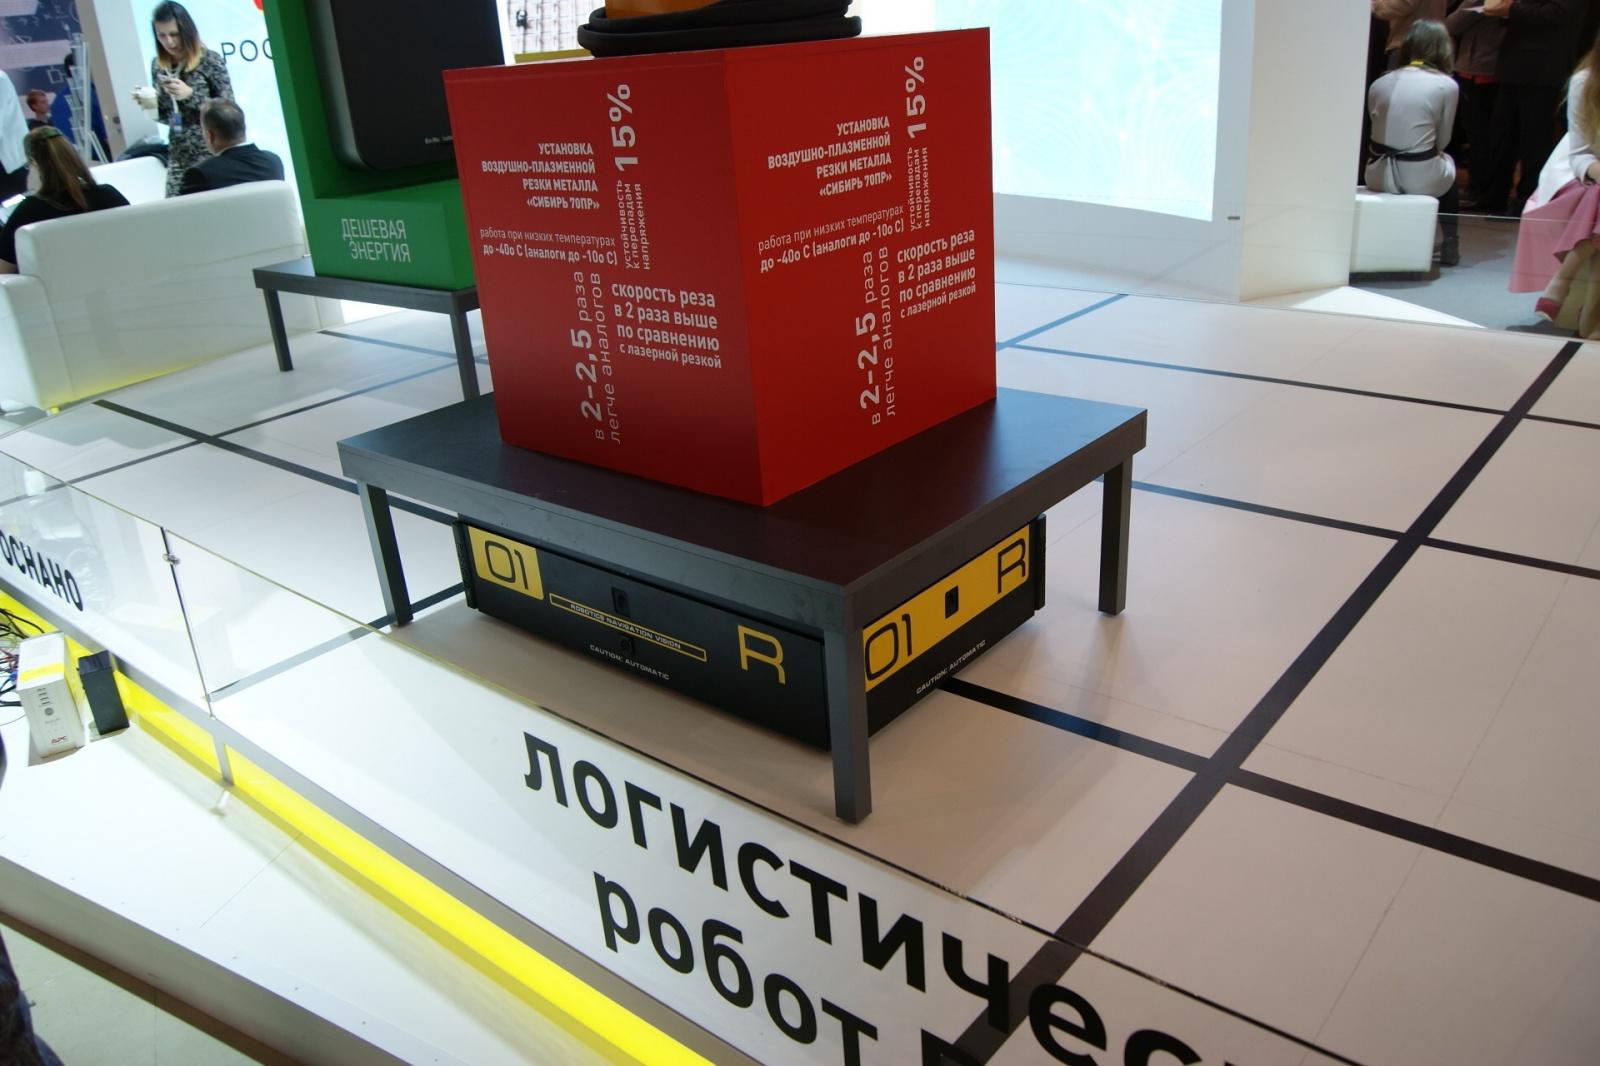 Робот побеждает человека, а затем человек ездит на роботе: видео. АПД: робот крушит стенд - 2